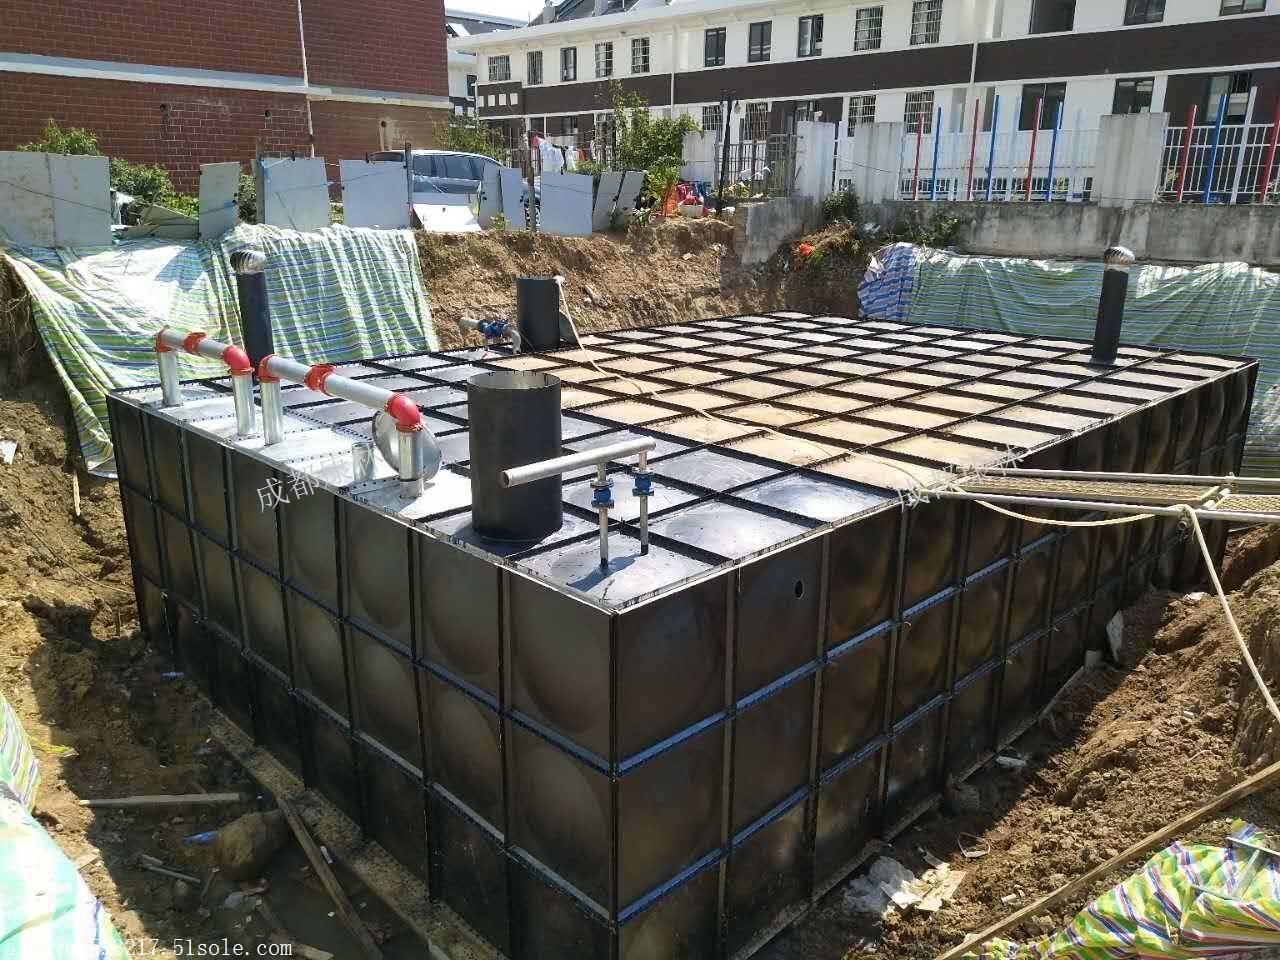 广元不锈钢水箱报价/乐山不锈钢水箱价格低/南充不锈钢水箱安装